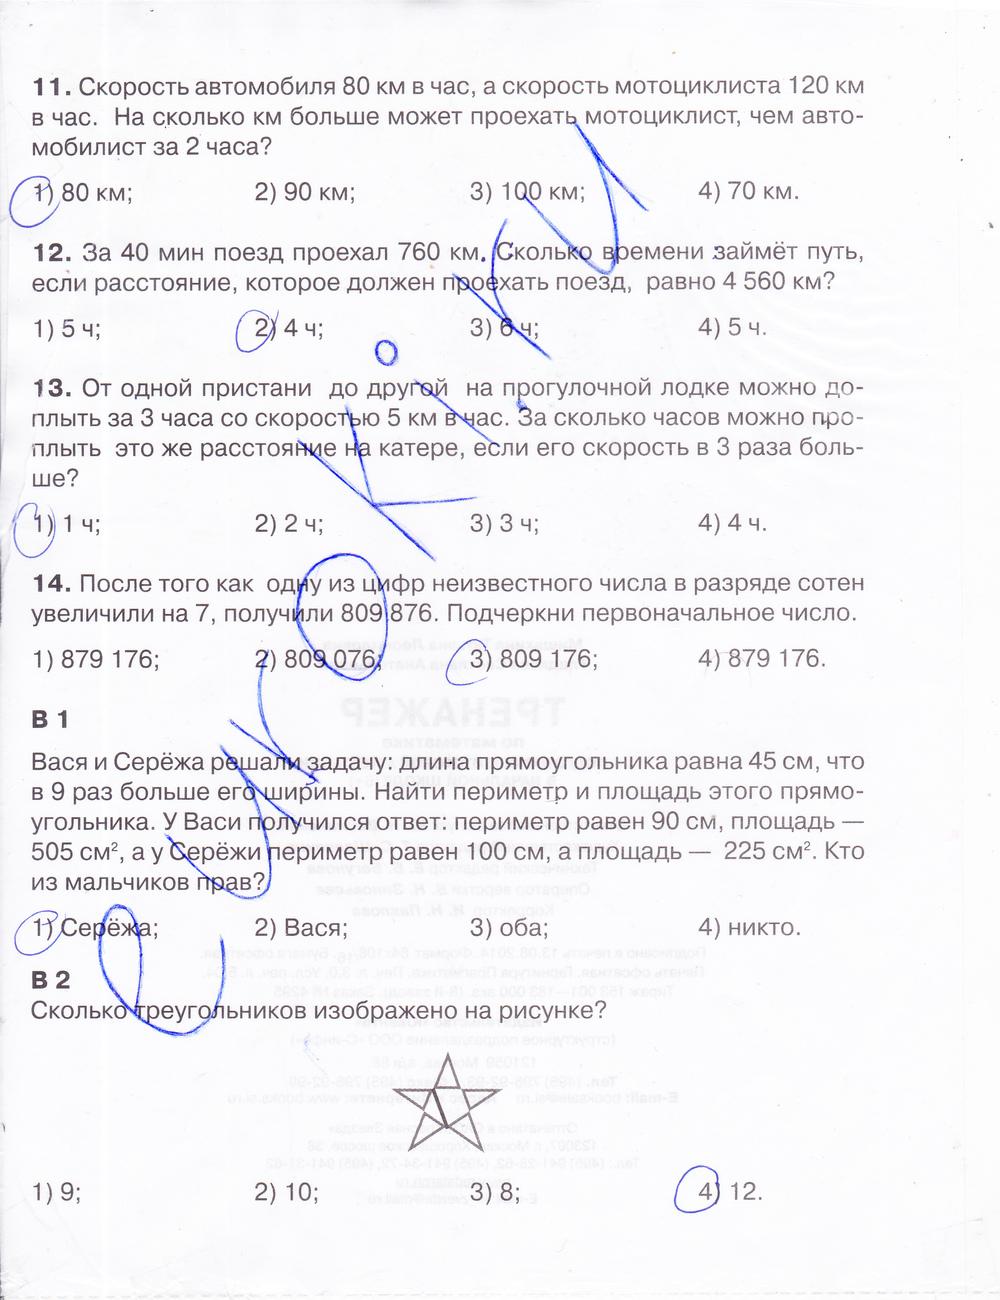 ГДЗ по математике 4 класс Мишакина. Задание: стр. 47